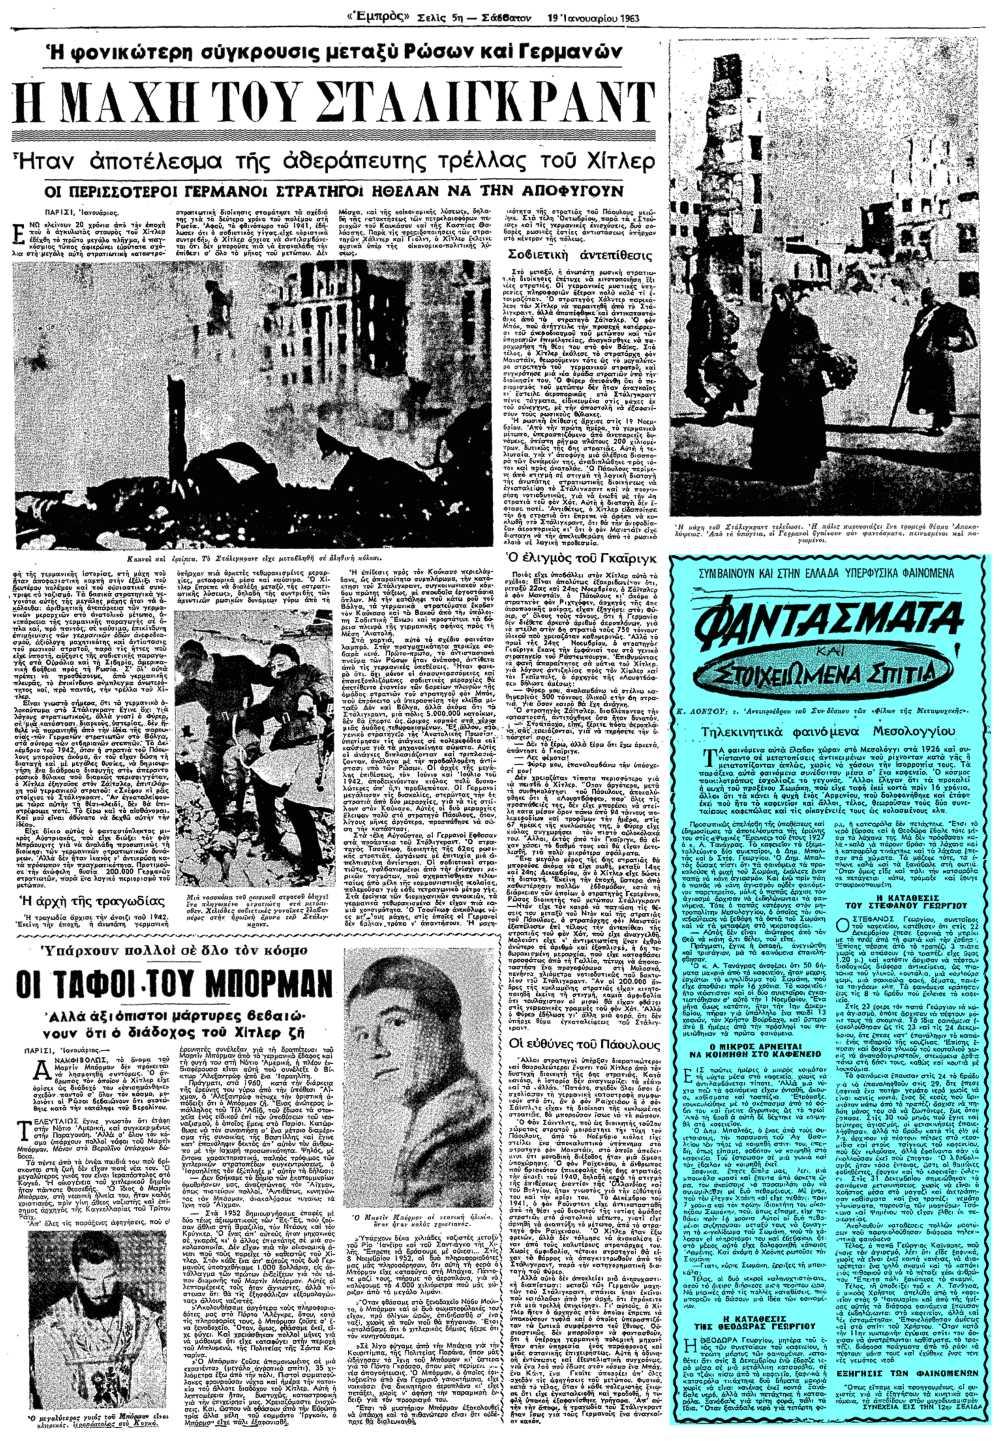 """Το άρθρο, όπως δημοσιεύθηκε στην εφημερίδα """"ΕΜΠΡΟΣ"""", στις 19/01/1963"""